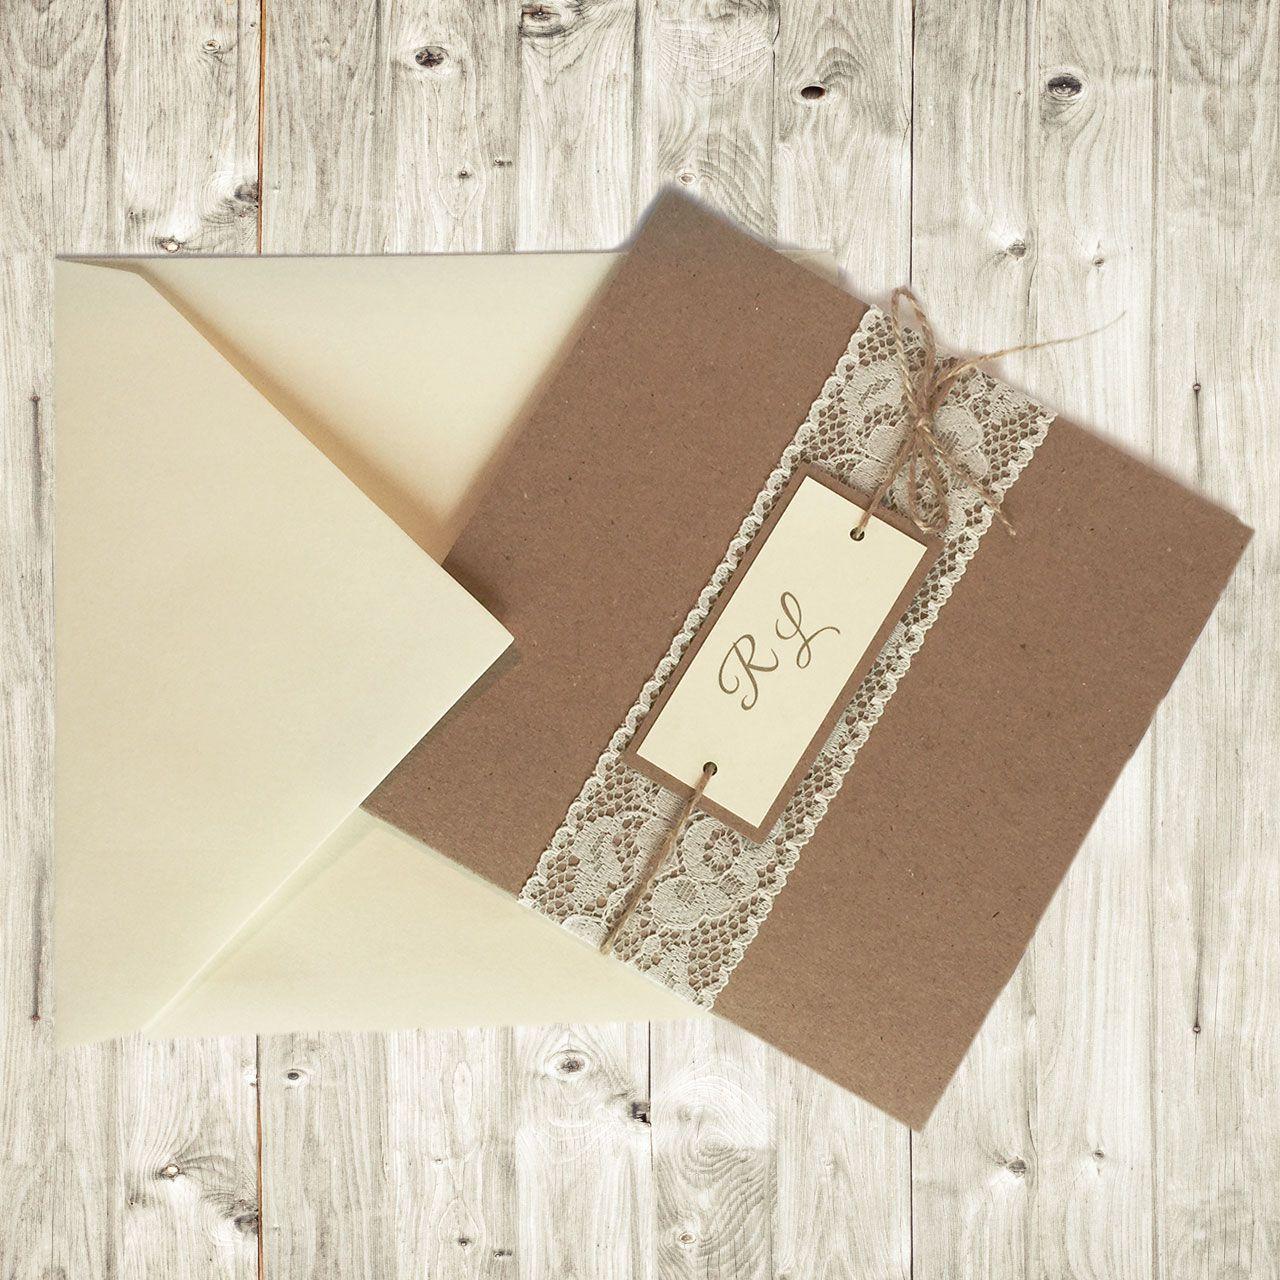 Partecipazioni In Cartoncino Avana Con Pizzo E Spago Perfette Per Un Matrimonio Matrimonio Fai Da Te Shabby Partecipazioni Matrimonio Fai Da Te Partecipazione